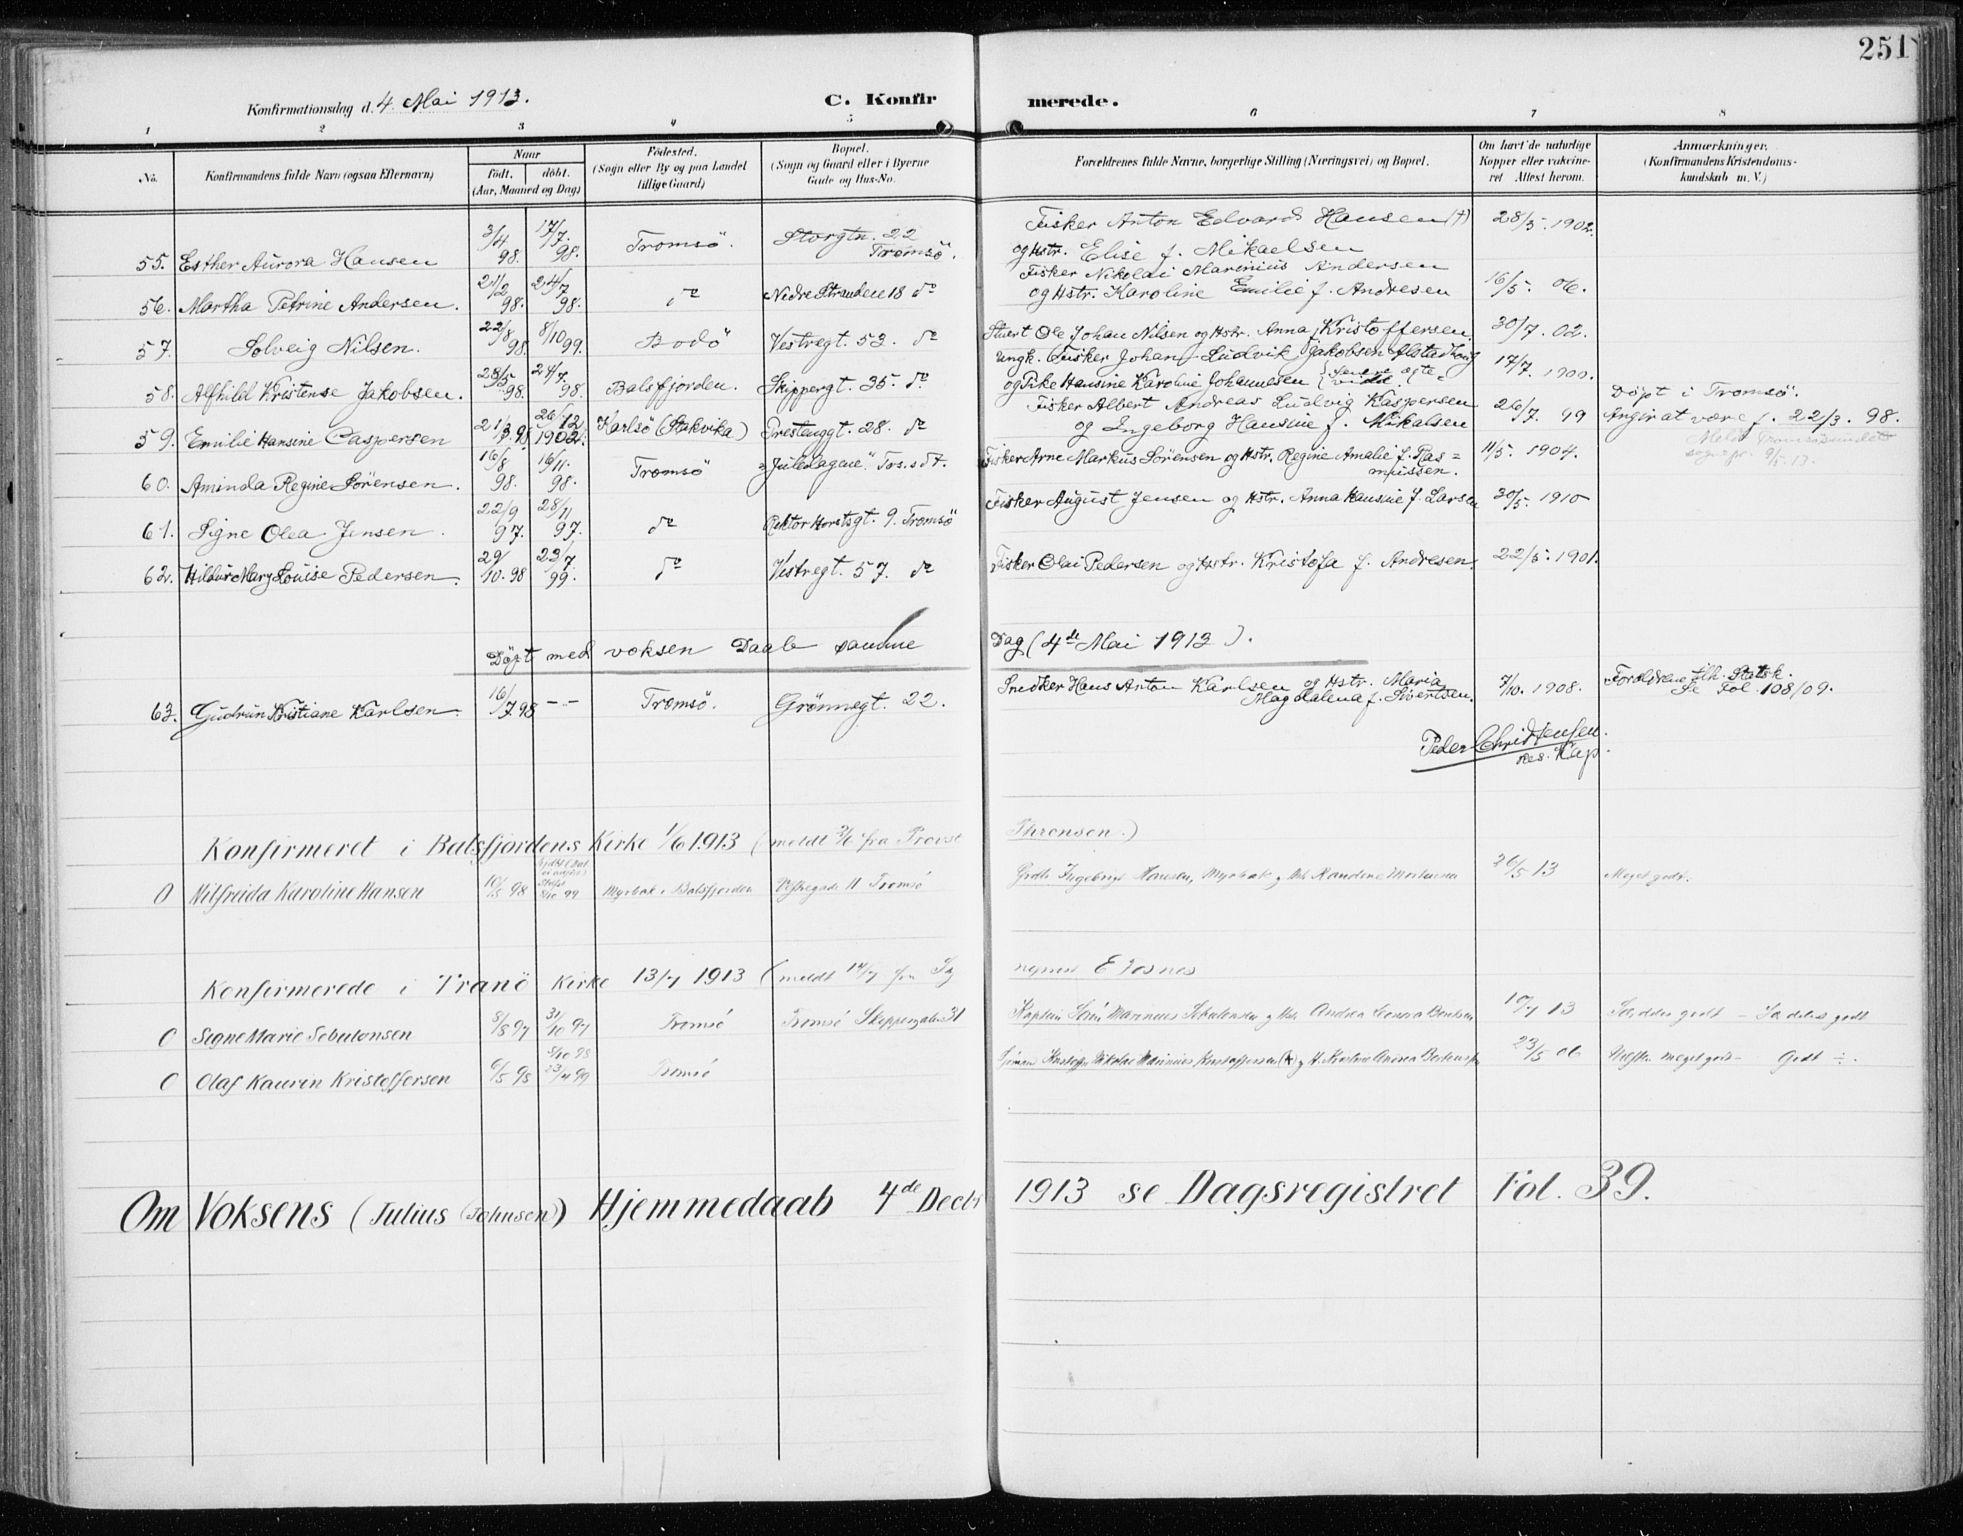 SATØ, Tromsø sokneprestkontor/stiftsprosti/domprosti, G/Ga/L0017kirke: Ministerialbok nr. 17, 1907-1917, s. 251